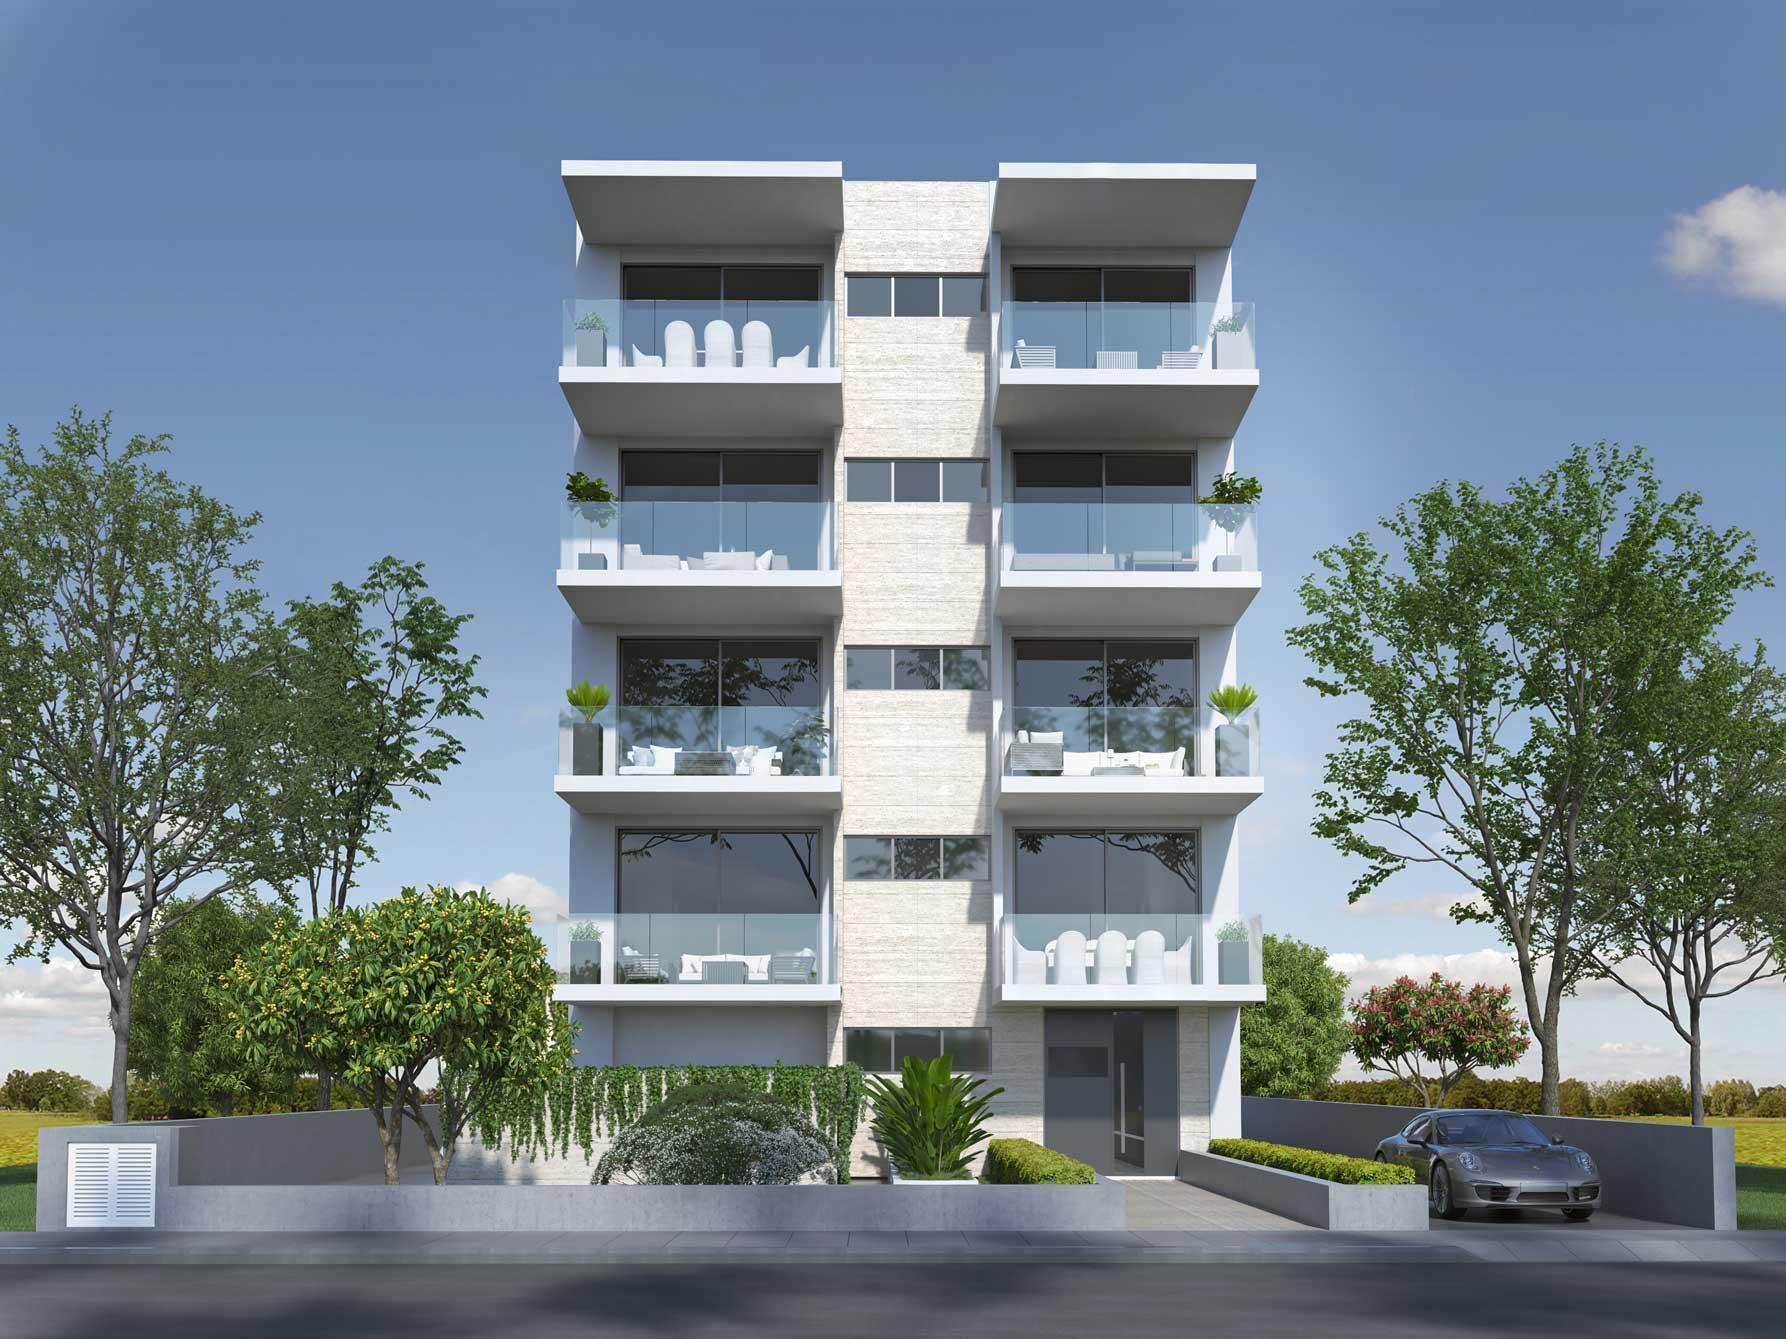 В Никосии сдан в эксплуатацию новый жилой комплекс под названием Dafni